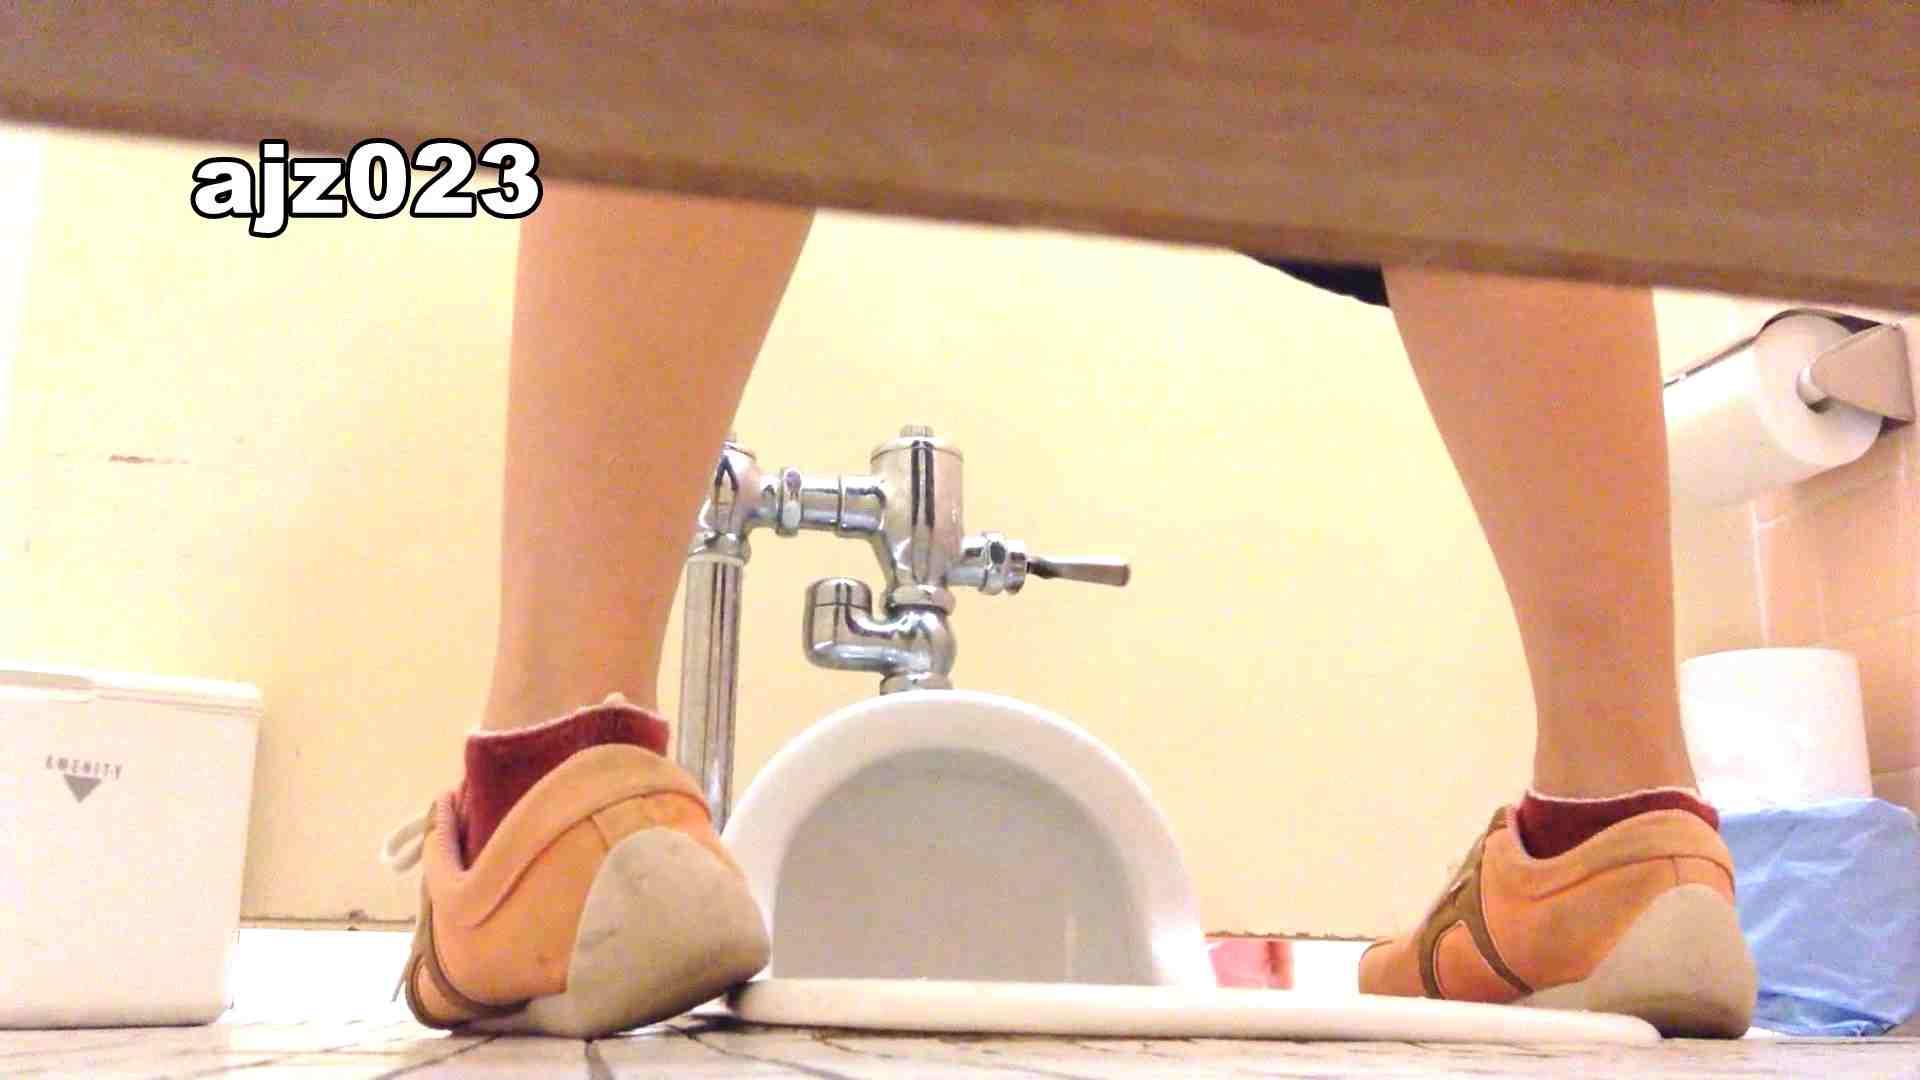 某有名大学女性洗面所 vol.23 排泄 AV無料 52pic 41